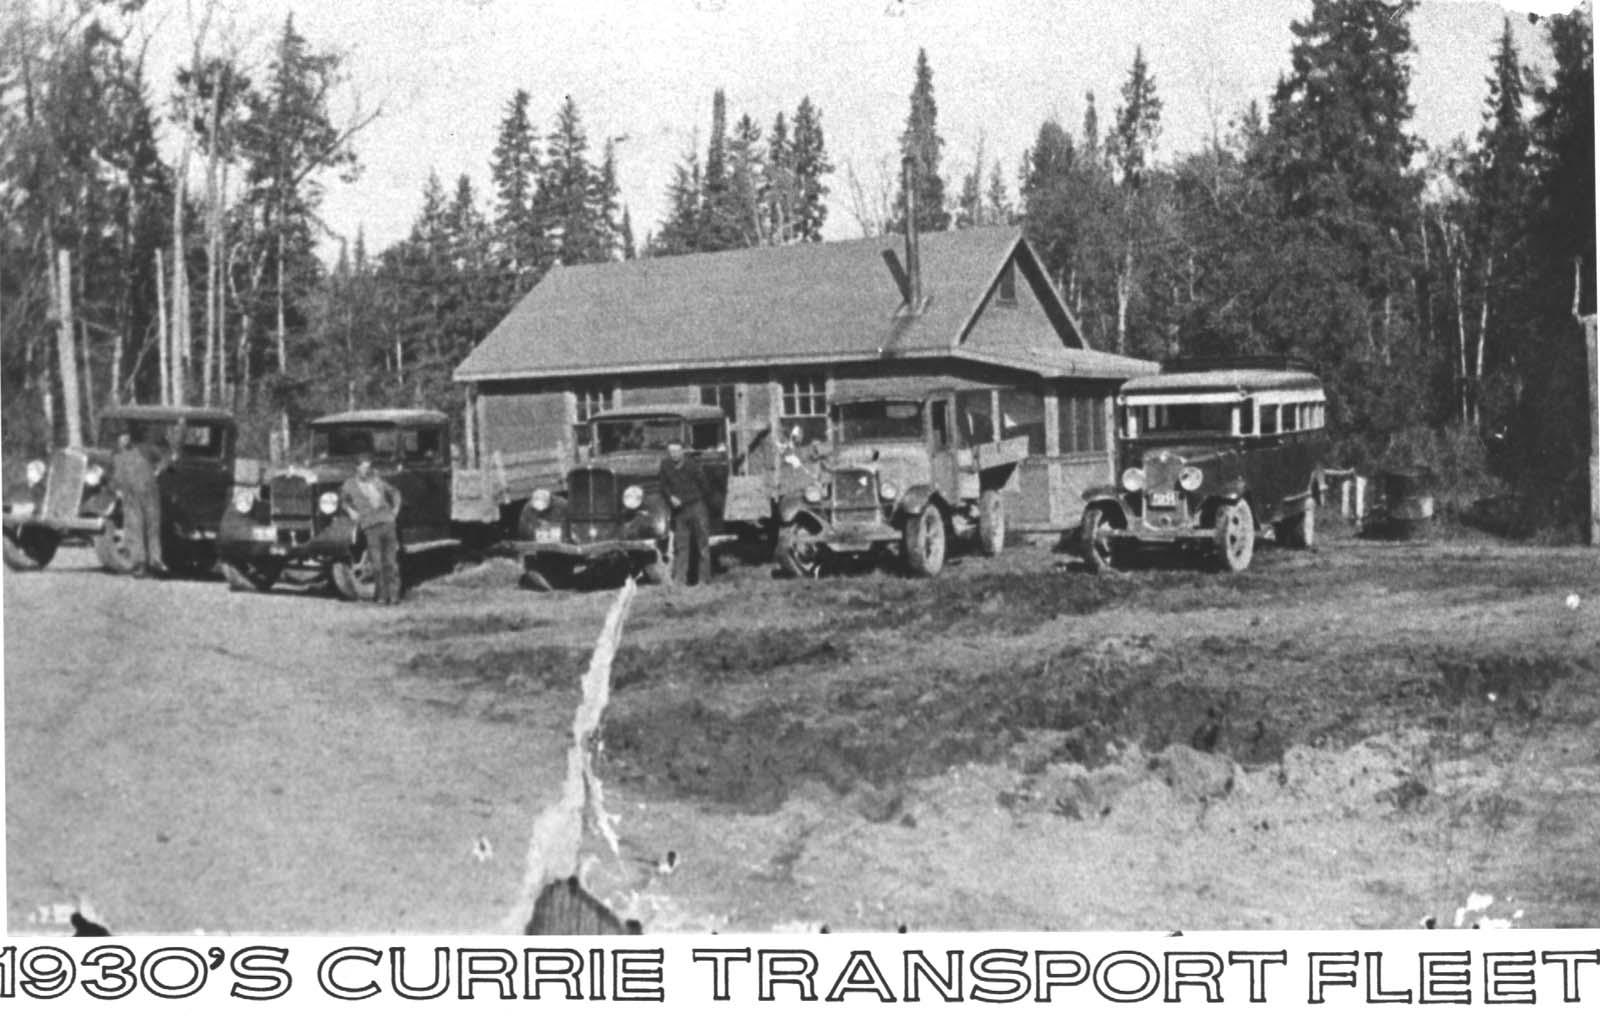 currie-transportation-fleet